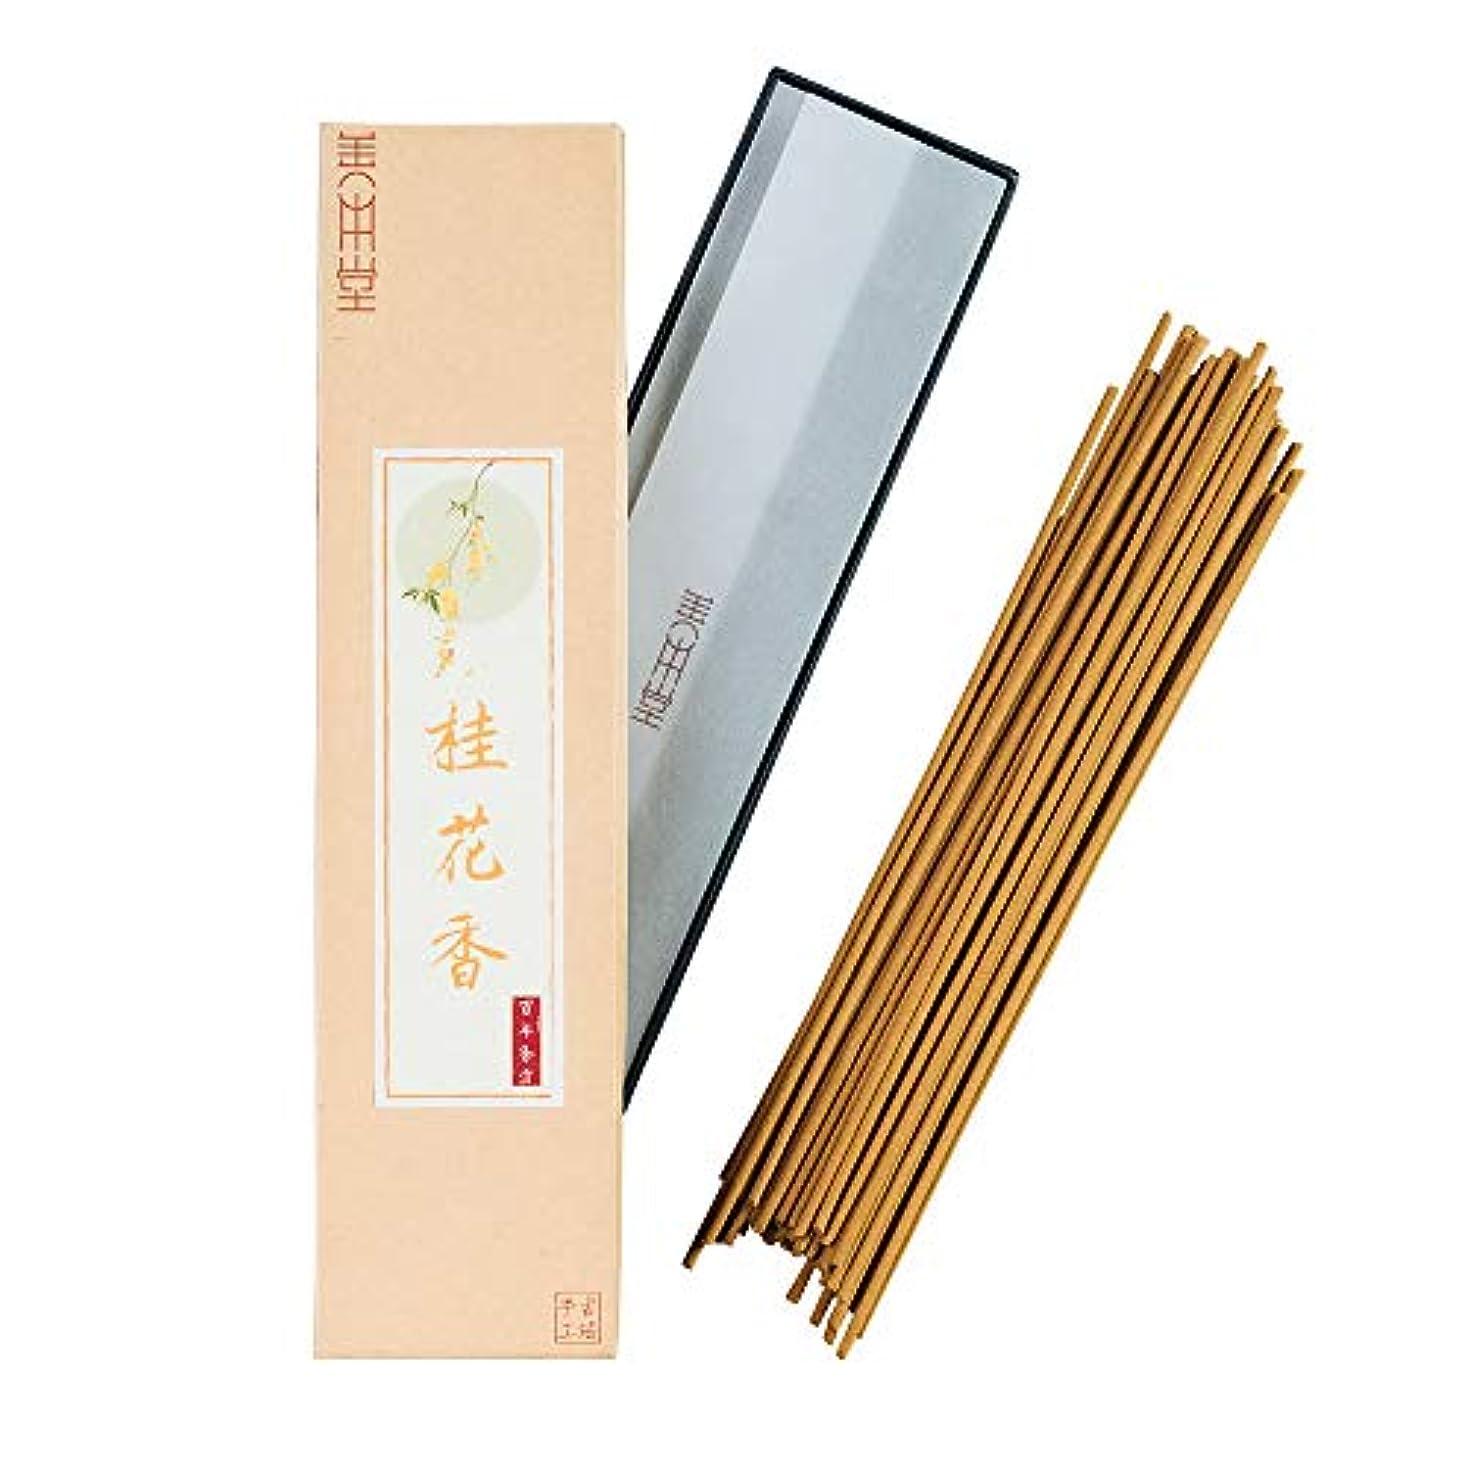 お線香 善本堂自然材料伝統な手作りお香 桂花の香 ギフト包装(21cm 50本入)